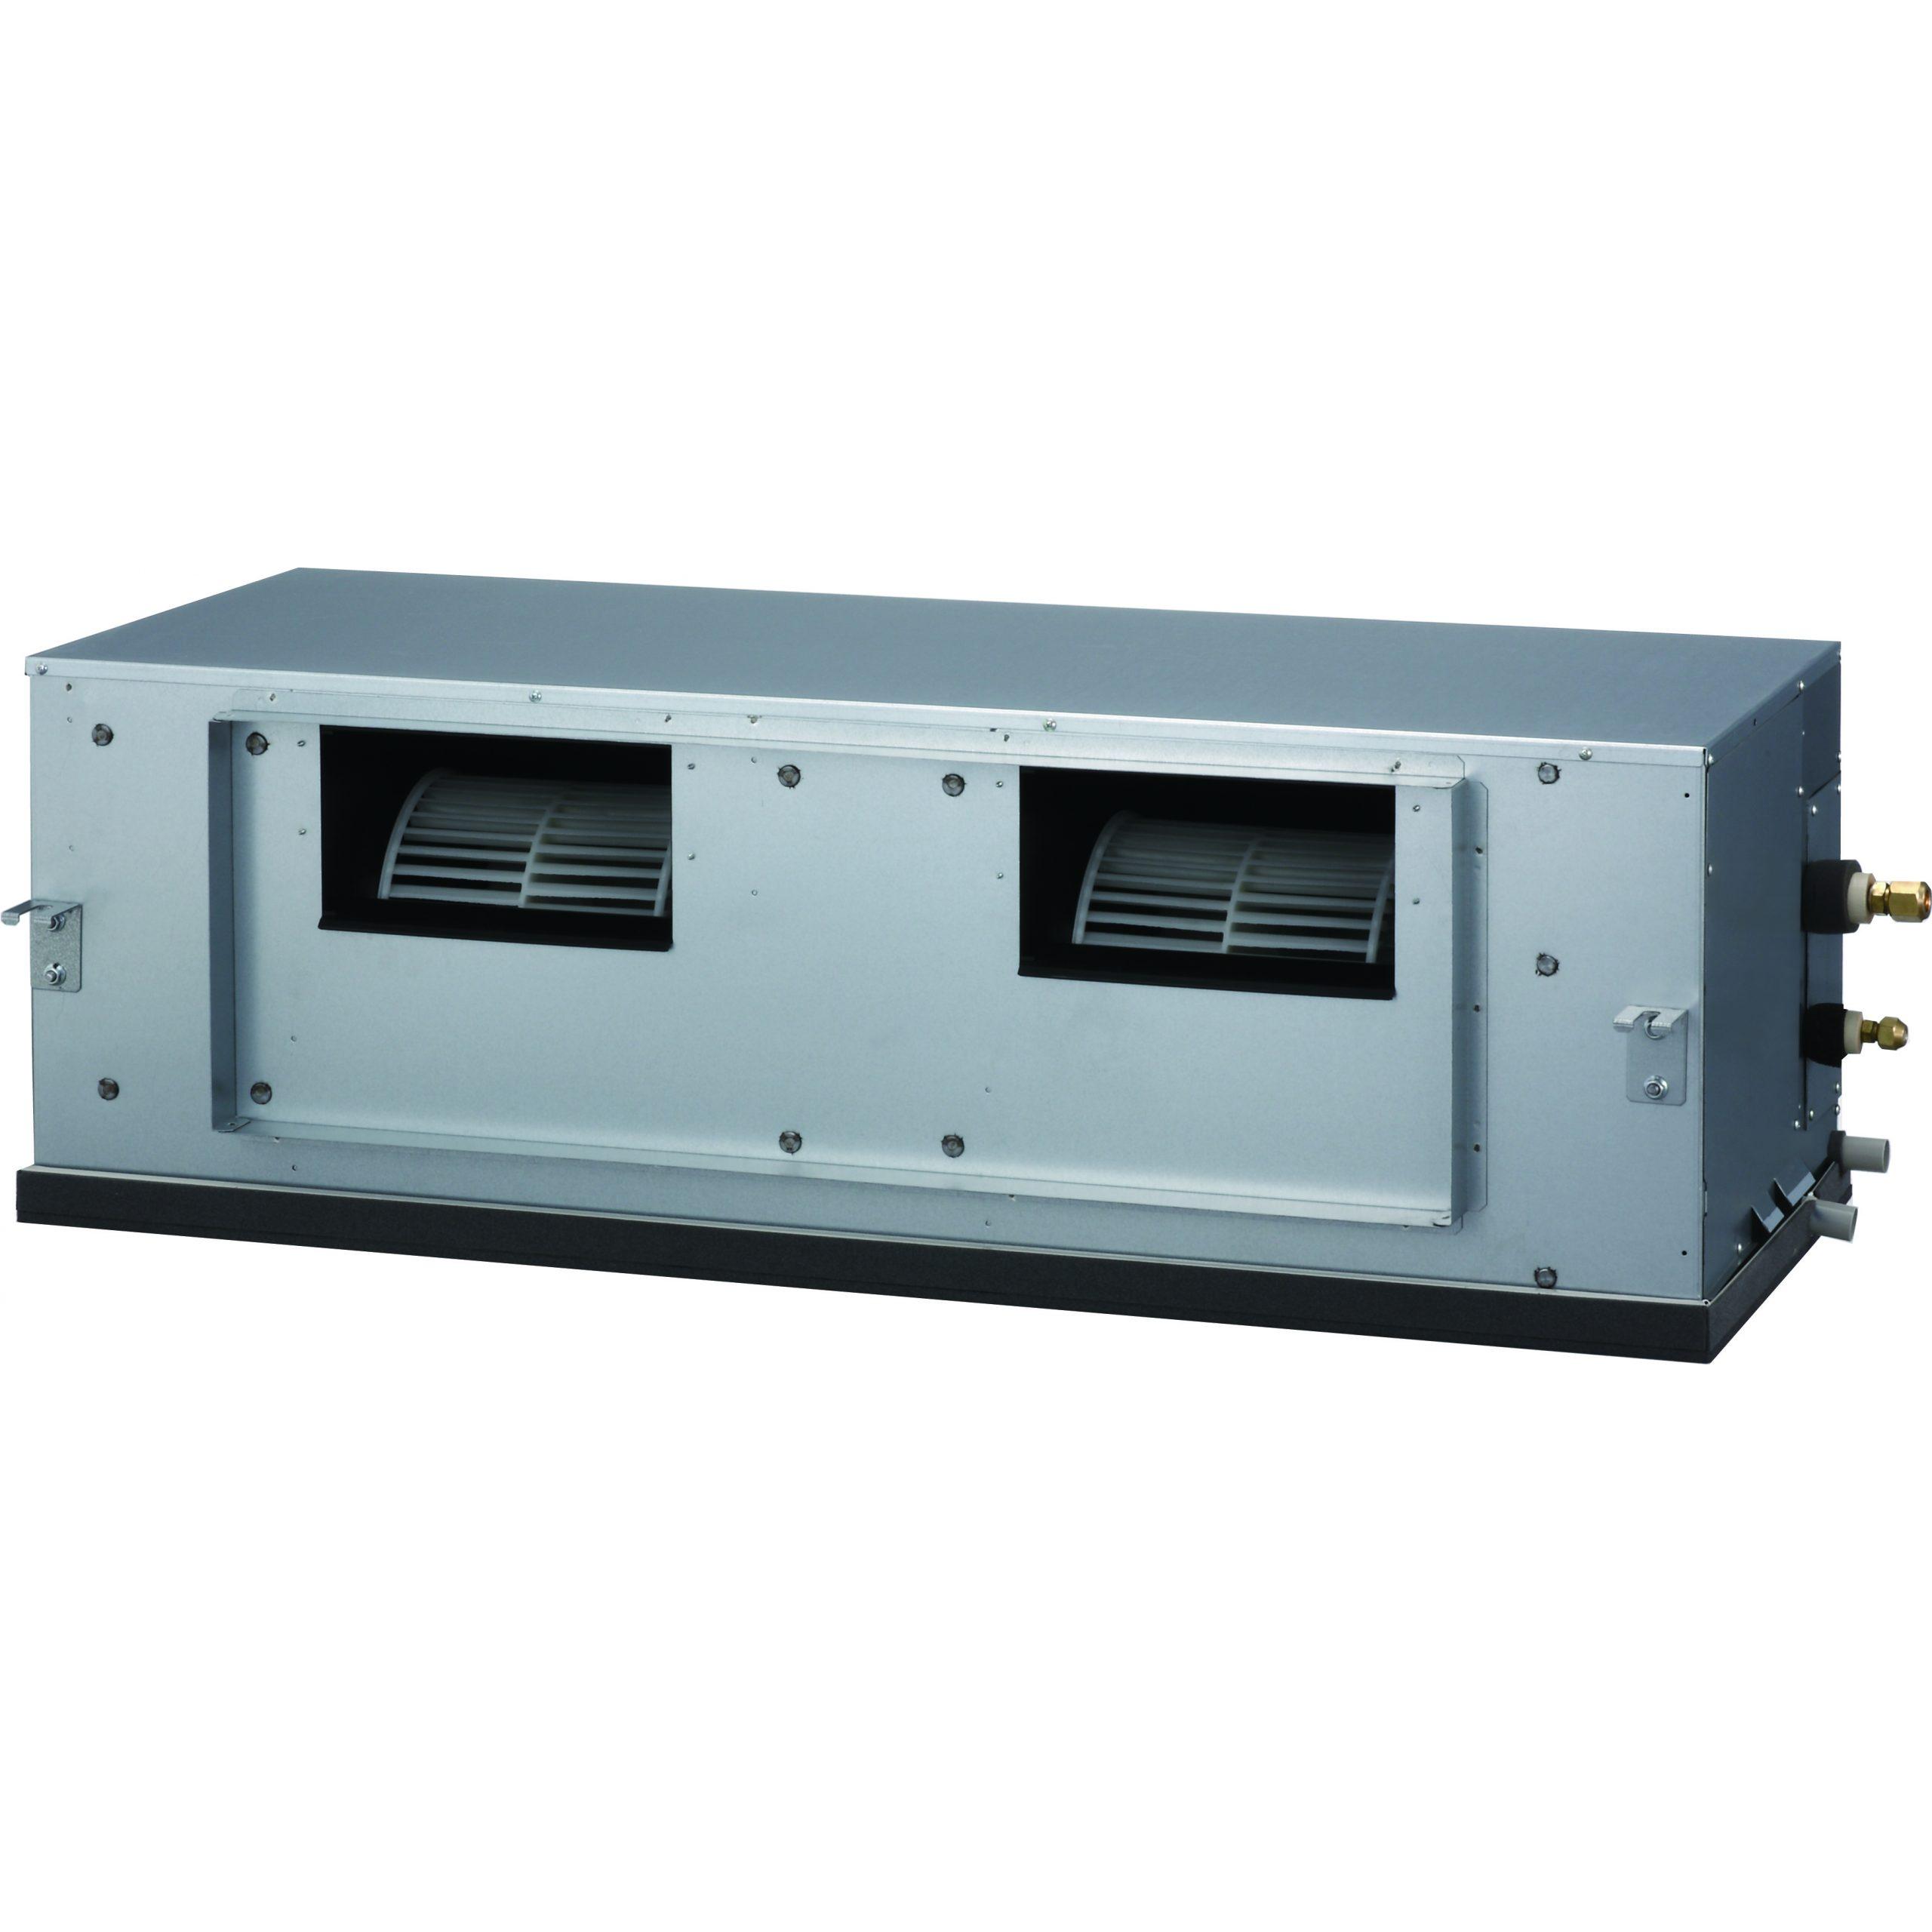 Fujitsu Κλιματιστικό Αεραγωγού LHTA 60kBTU